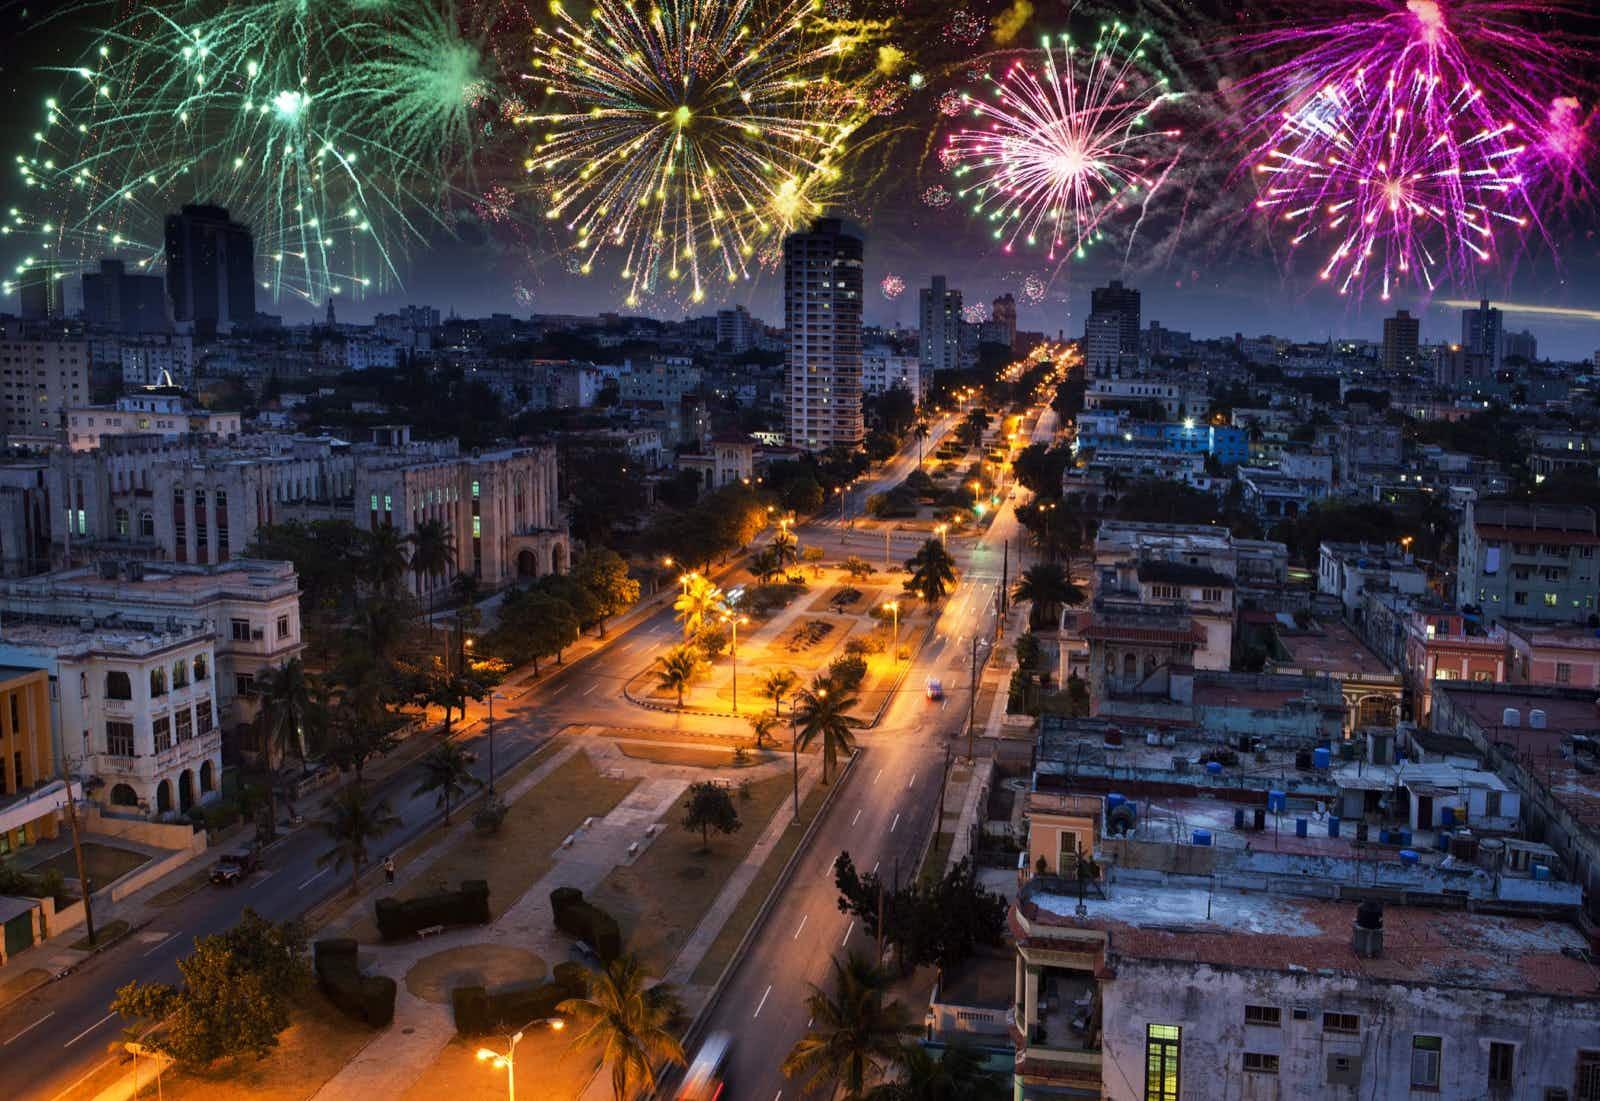 Fireworks explode over the city skyline in Havana Shutterstock